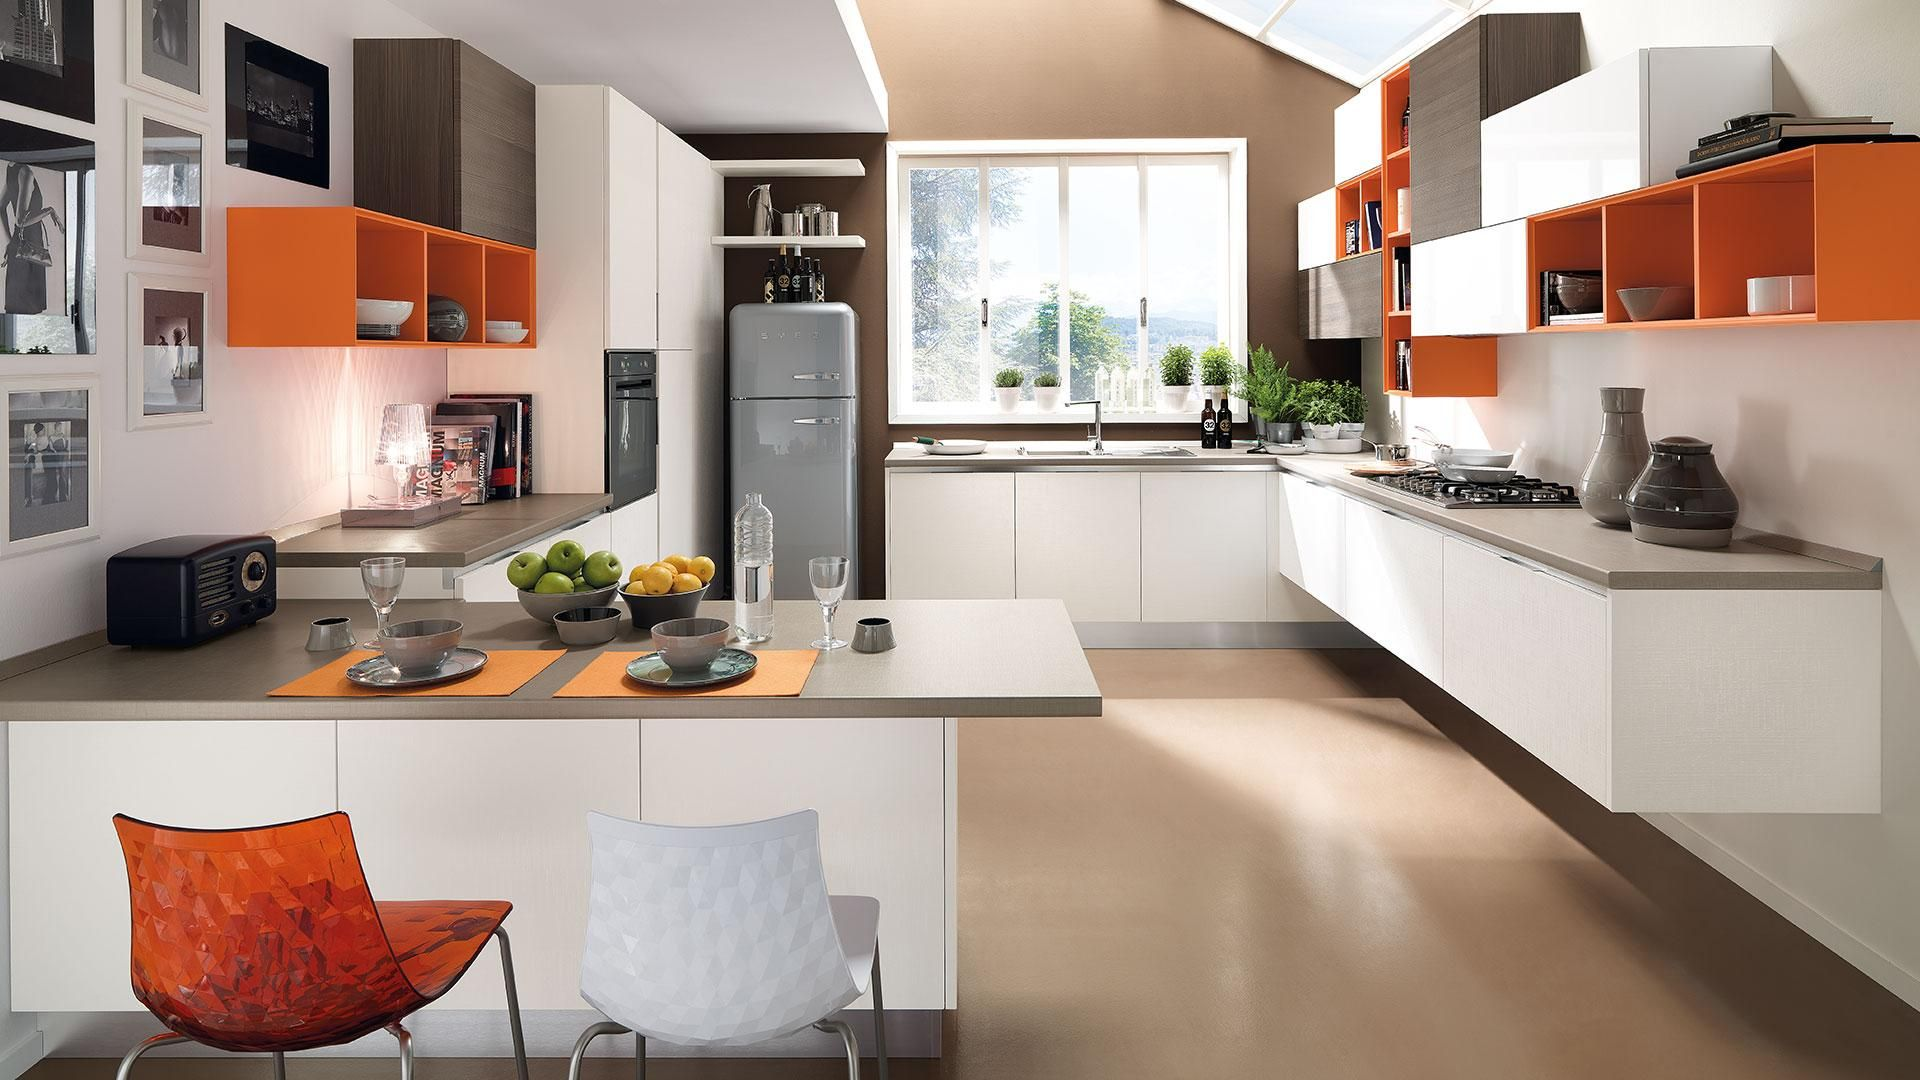 Essenza Cucine Moderne Cucine Lube Progetti di cucine